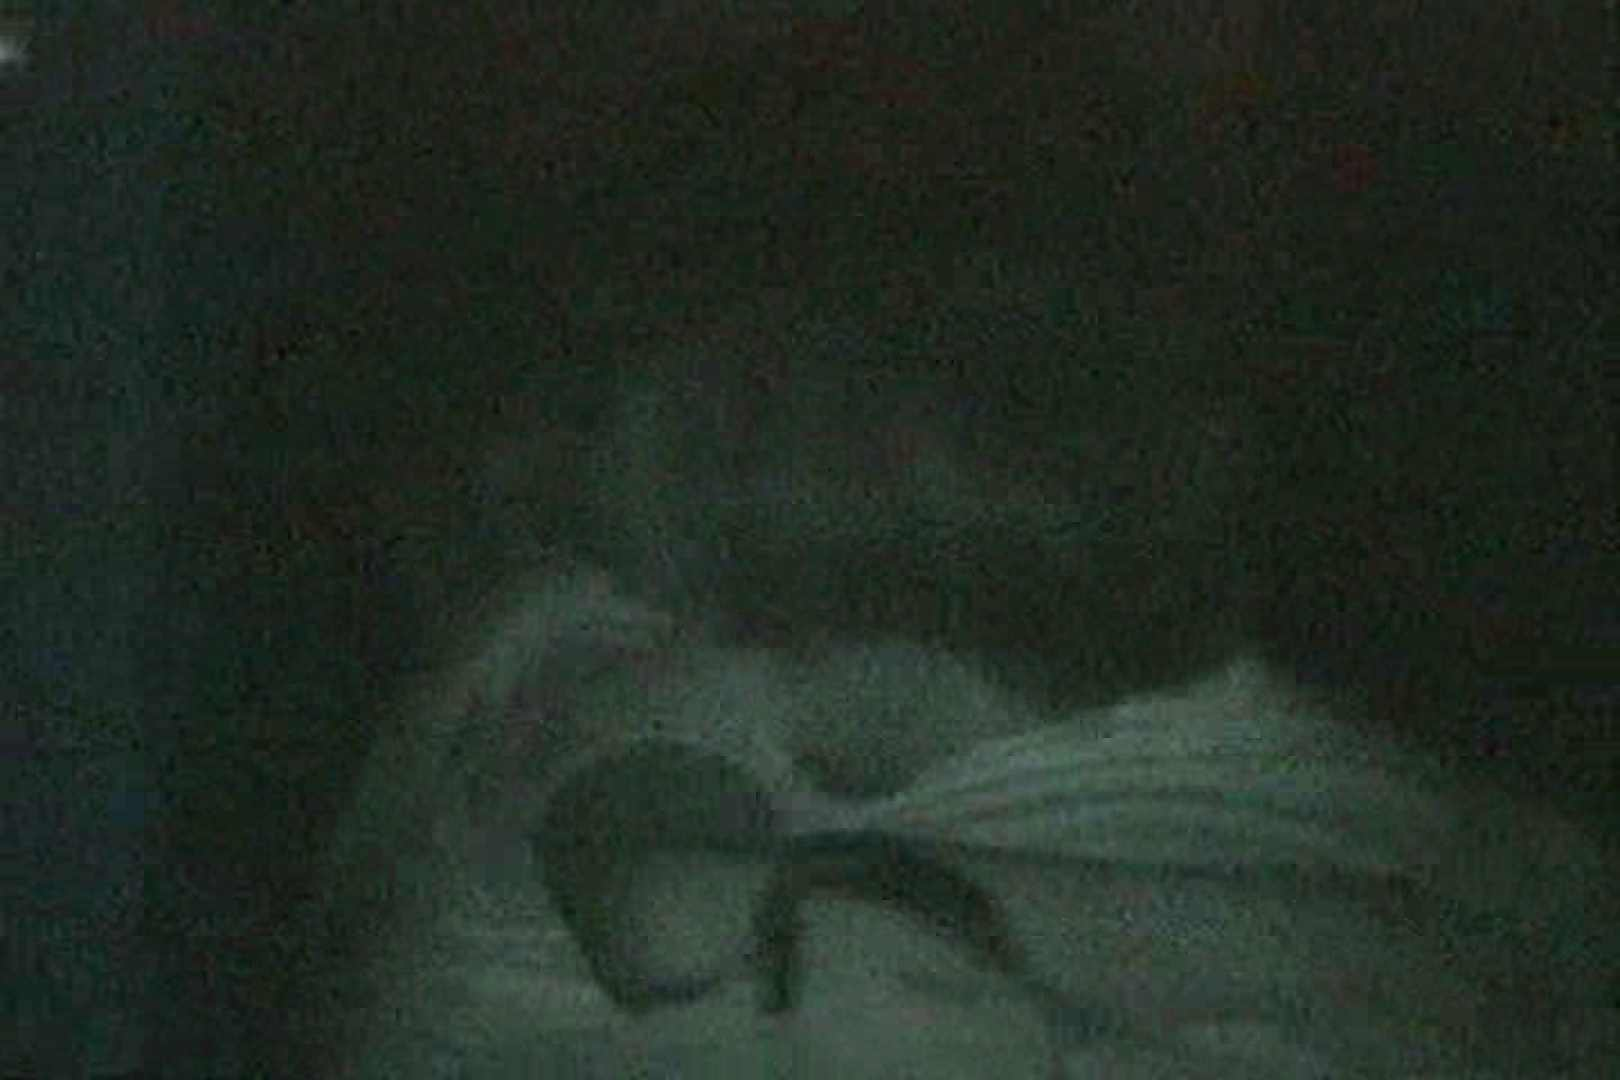 車の中はラブホテル 無修正版  Vol.24 ラブホテル 隠し撮りオマンコ動画紹介 25連発 13